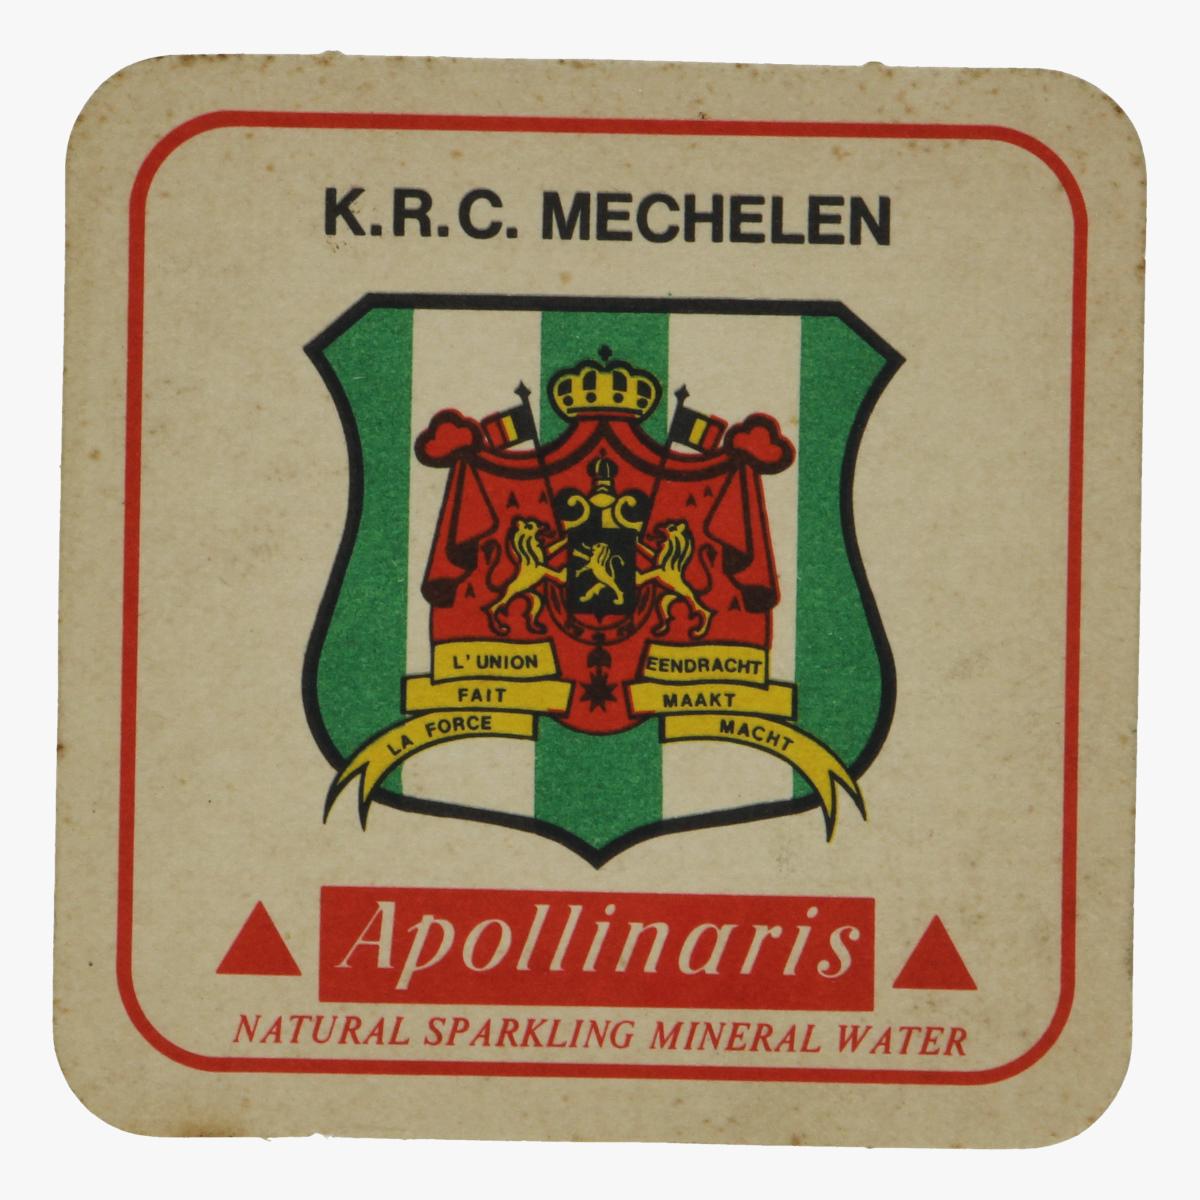 Afbeeldingen van bierkaartje k.r.c. mechelen apollinaris